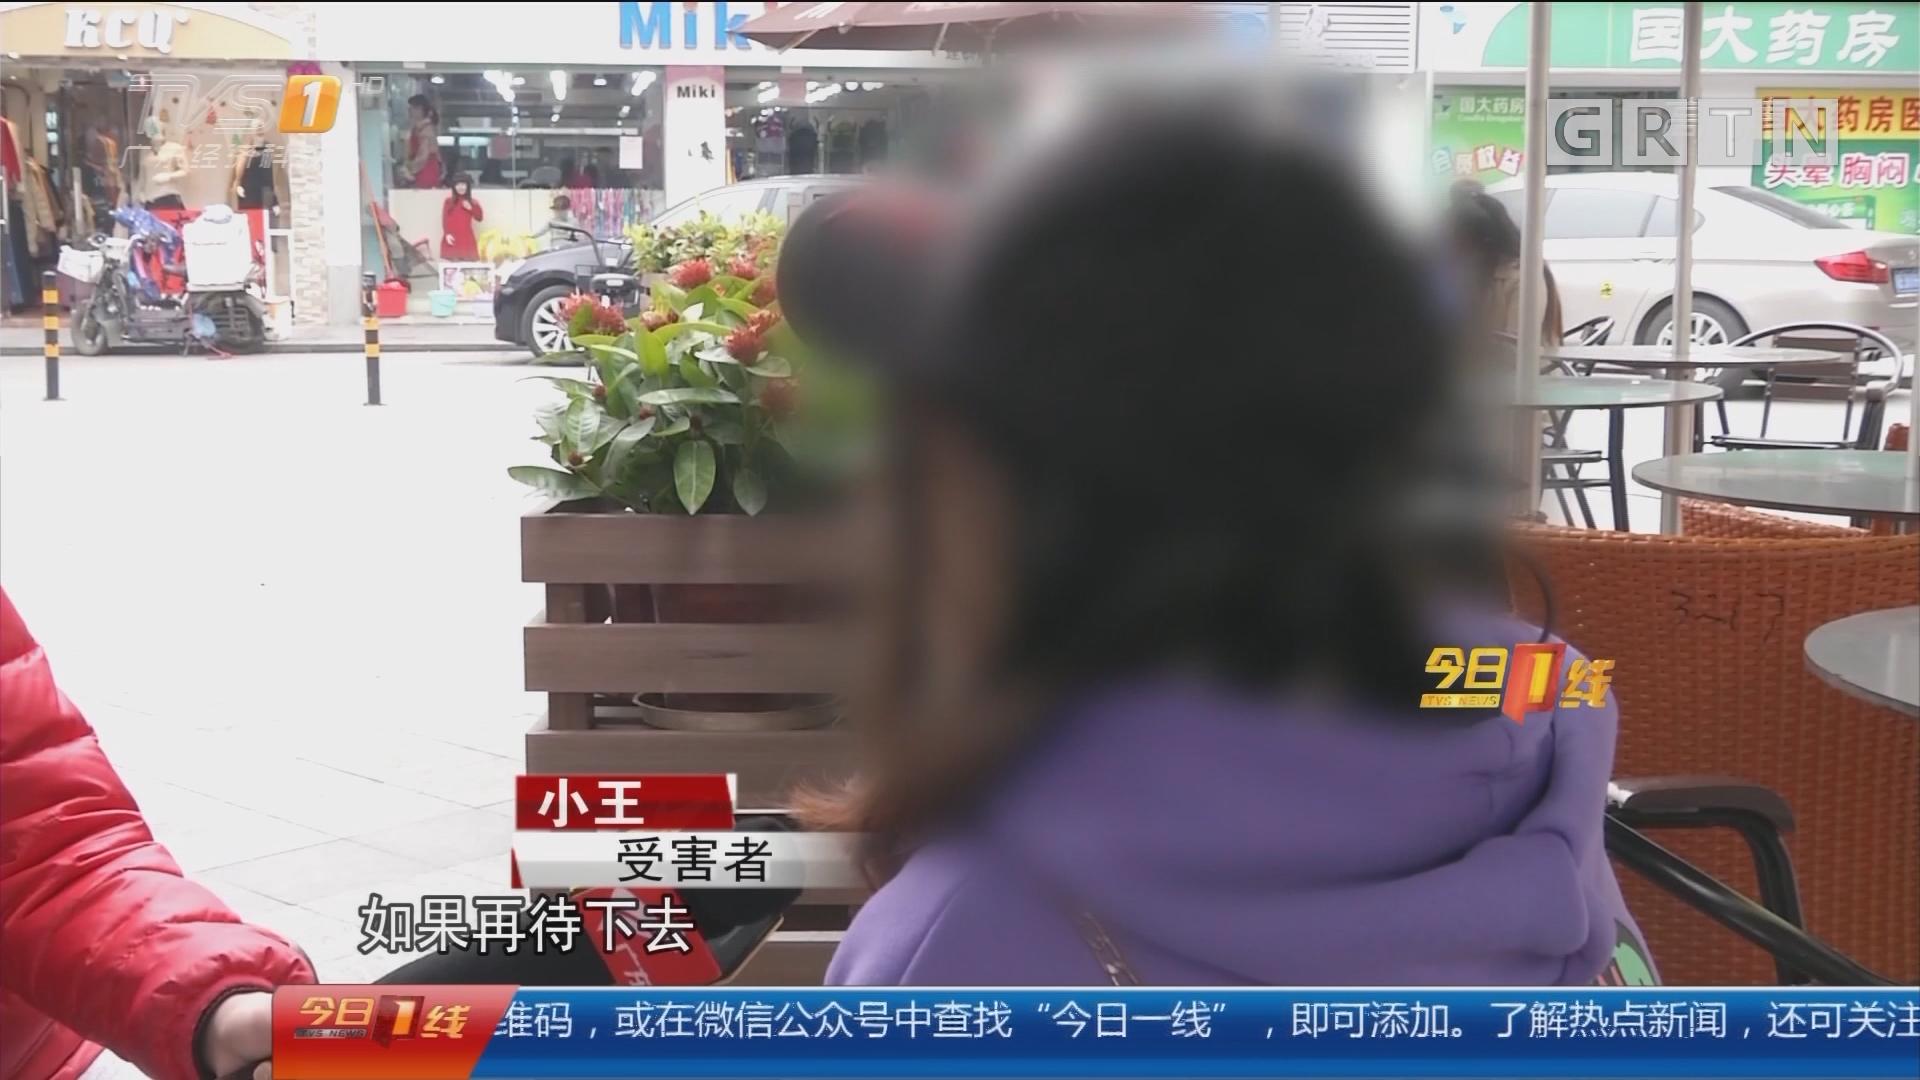 """深圳福田:电脑私藏员工""""露骨""""视频 老板干的?"""